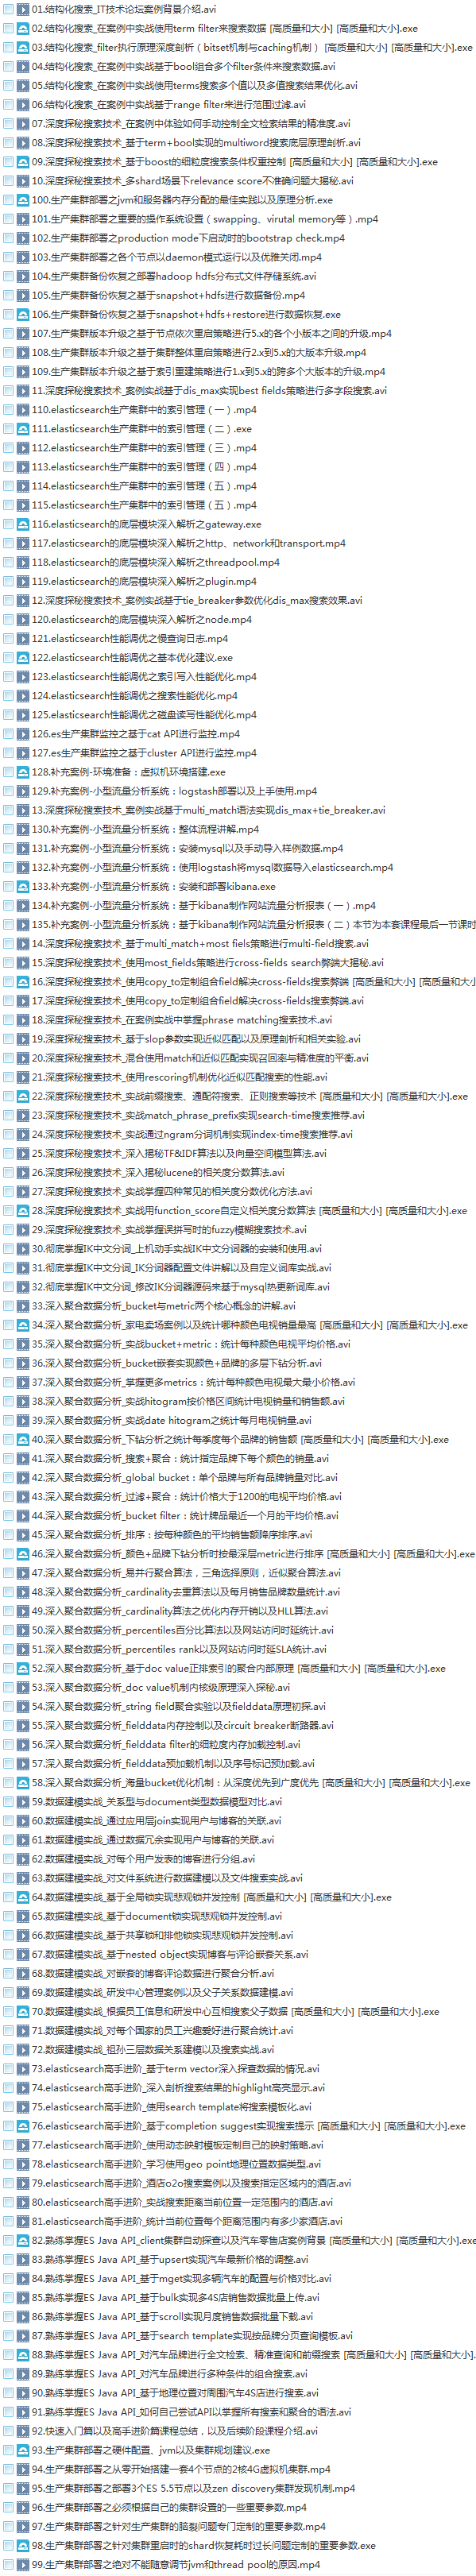 39套Java进阶高级架构师教程_Javaweb项目案例实战编程视频自学培训插图(40)